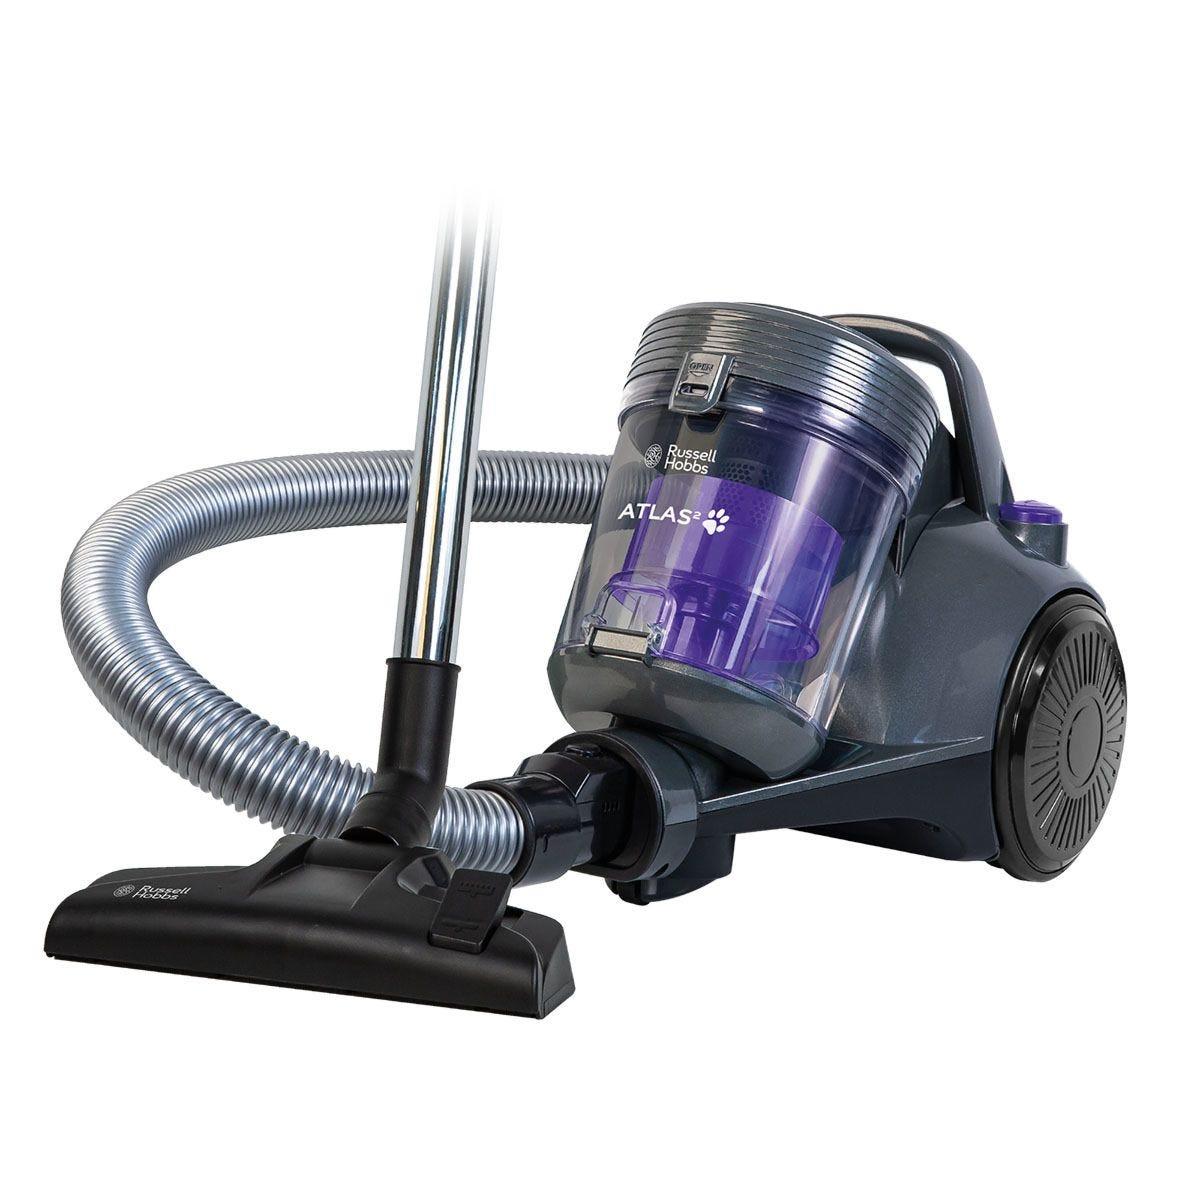 Russell Hobbs Atlas2 Pets Cyclonic Cylinder Vacuum Cleaner - Spectrum Grey & Purple